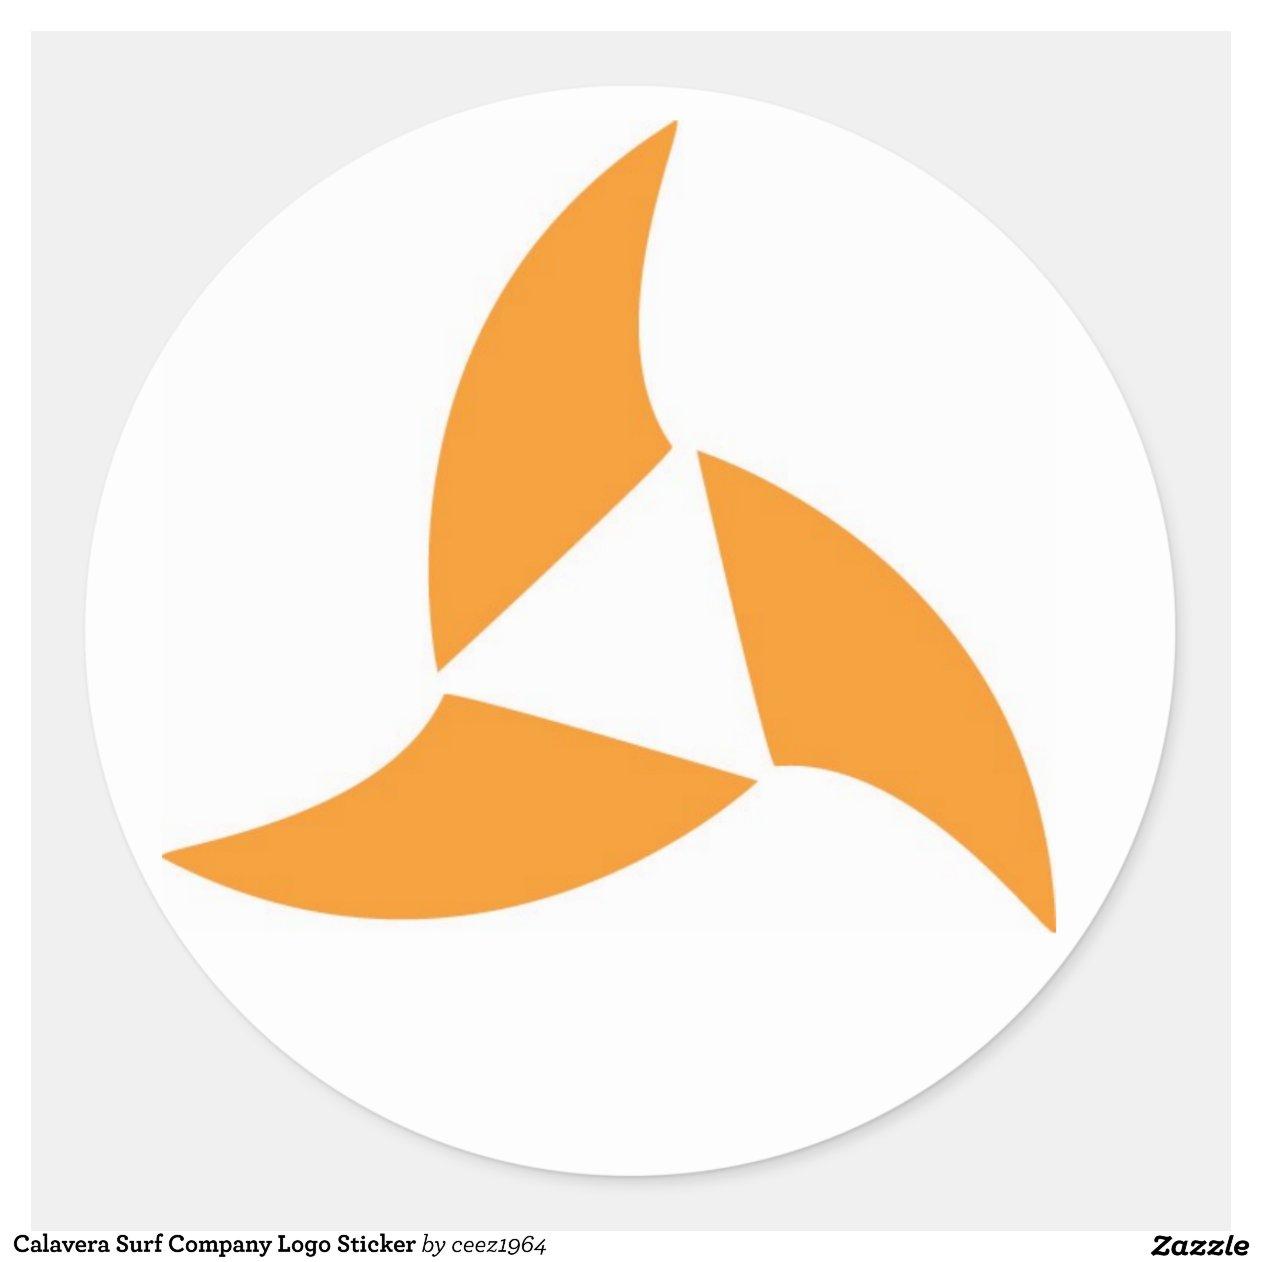 V Company Logo Calavera Surf Company Logo